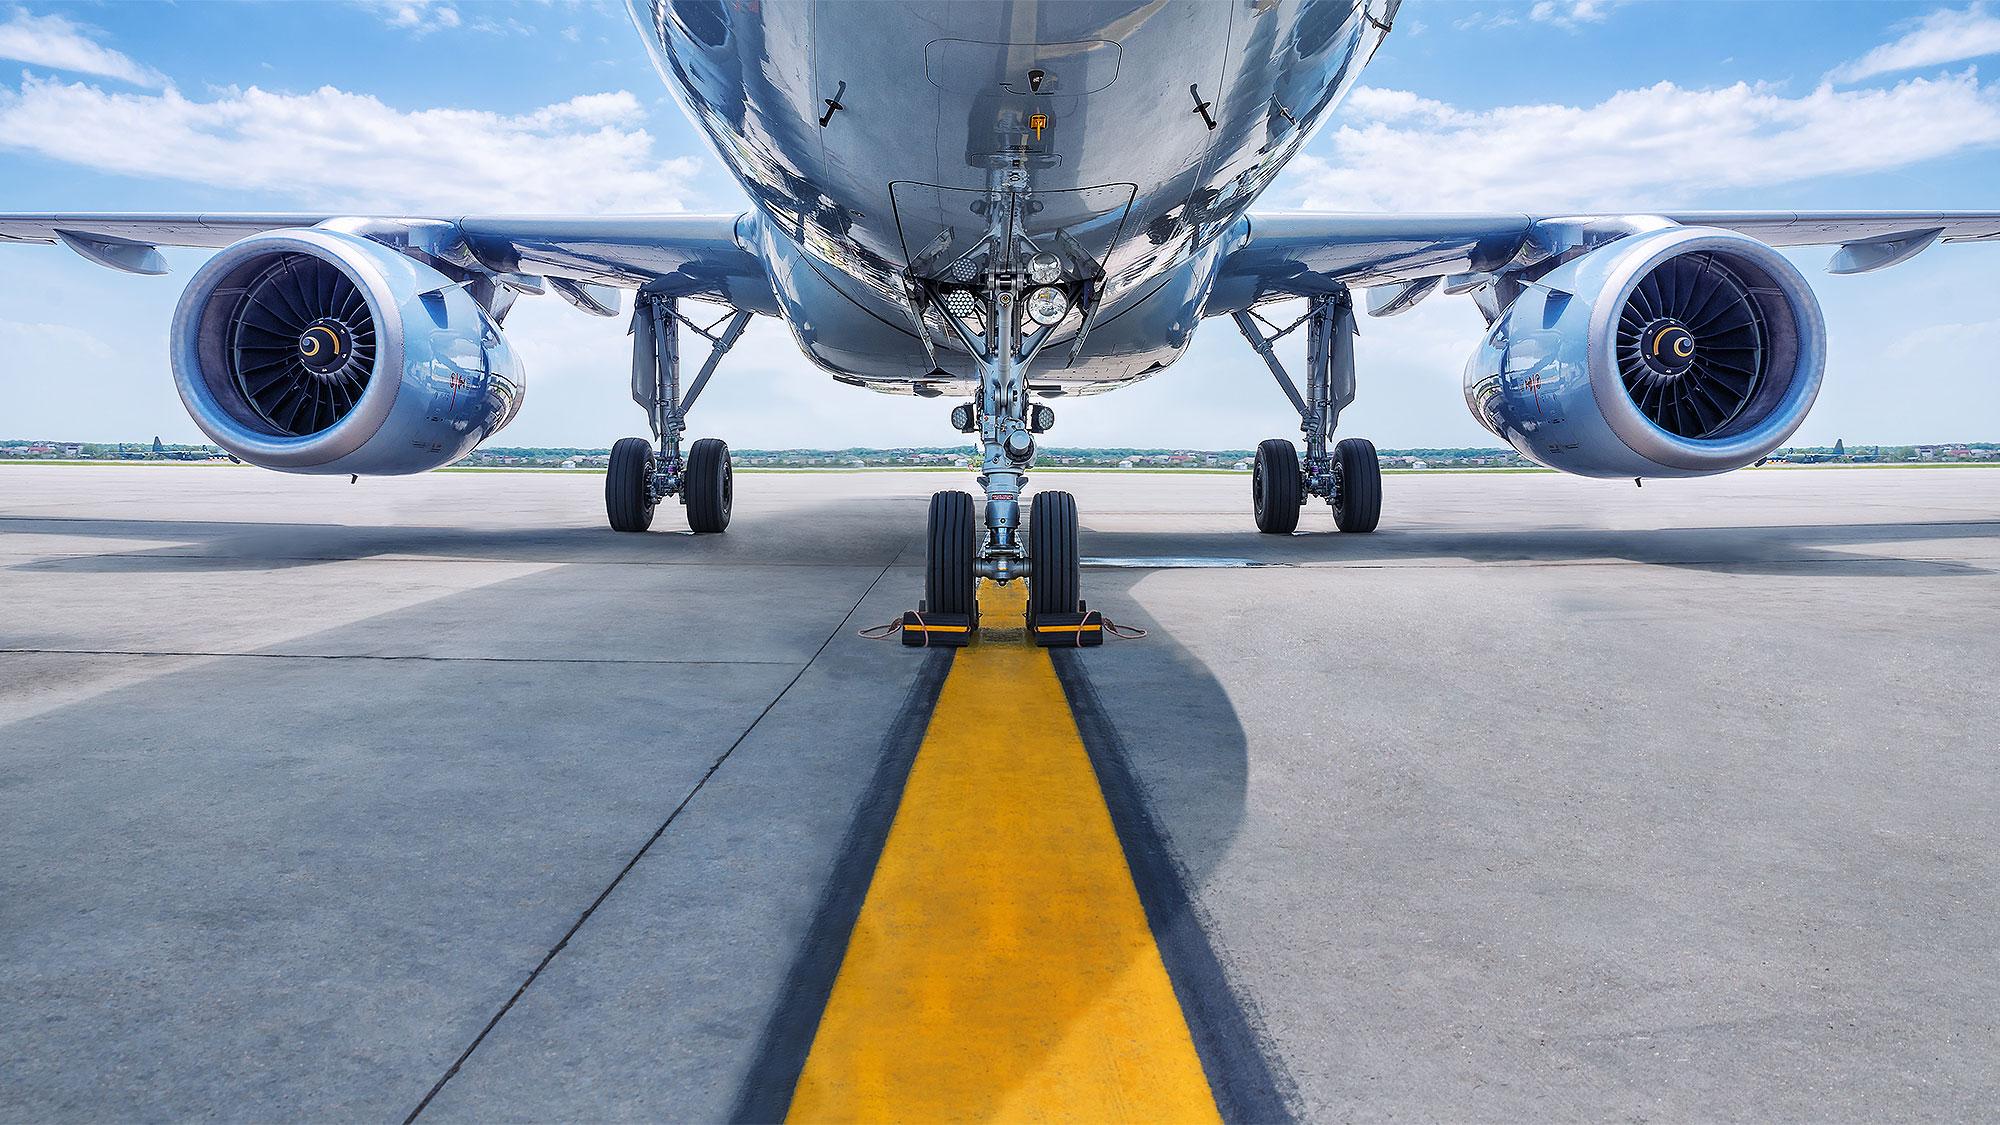 Дорогие билеты и бардак в воздухе. Новые правила воздушного движения могут ударить по карману пассажиров